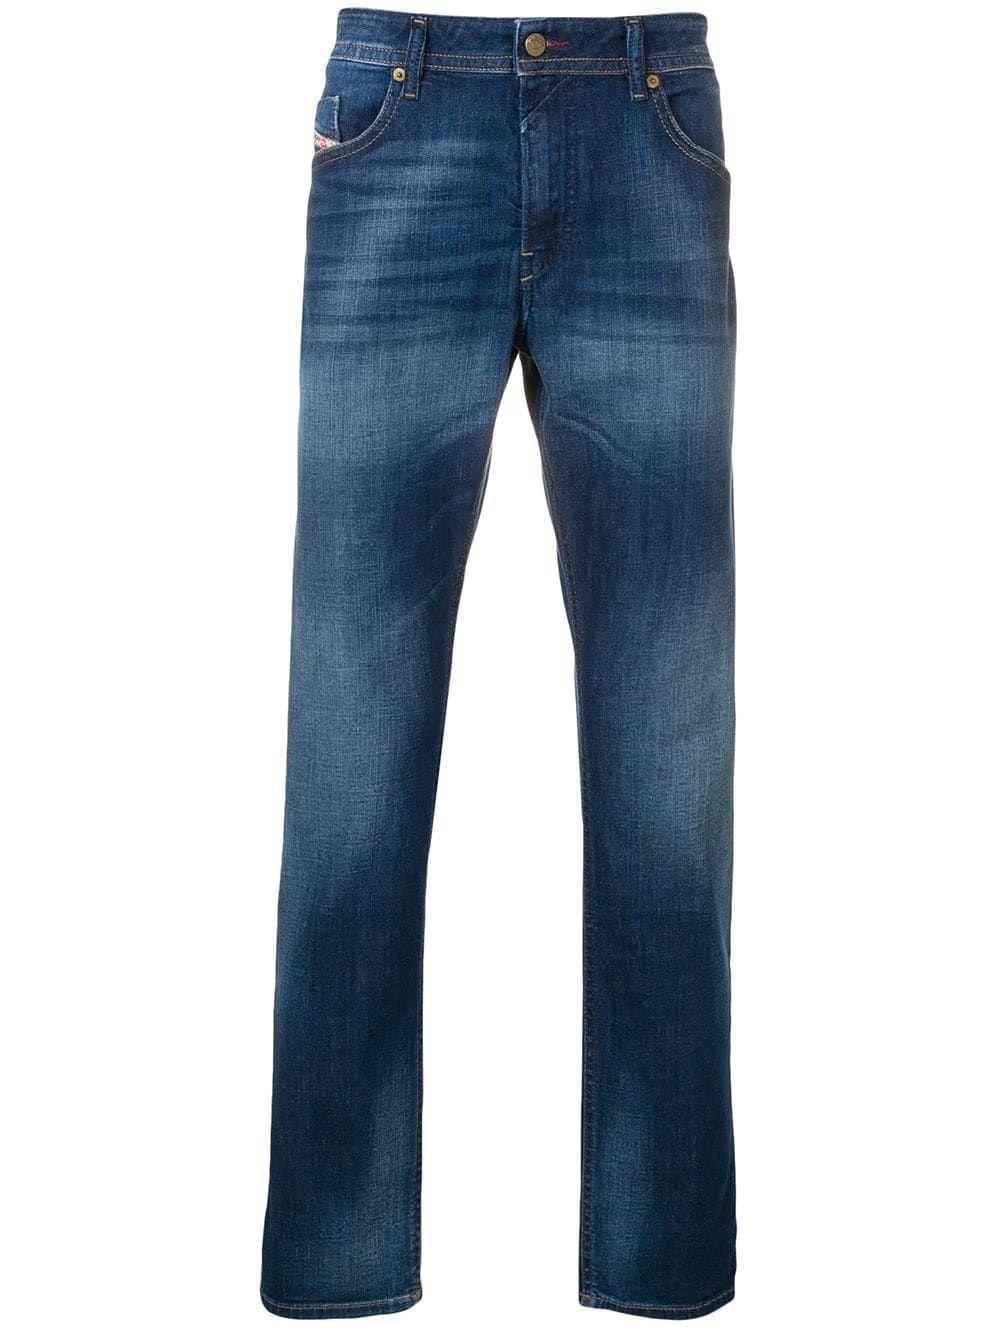 ef3a2eae DIESEL DIESEL THOMMER 084GR JEANS - BLUE. #diesel #cloth | Diesel in ...